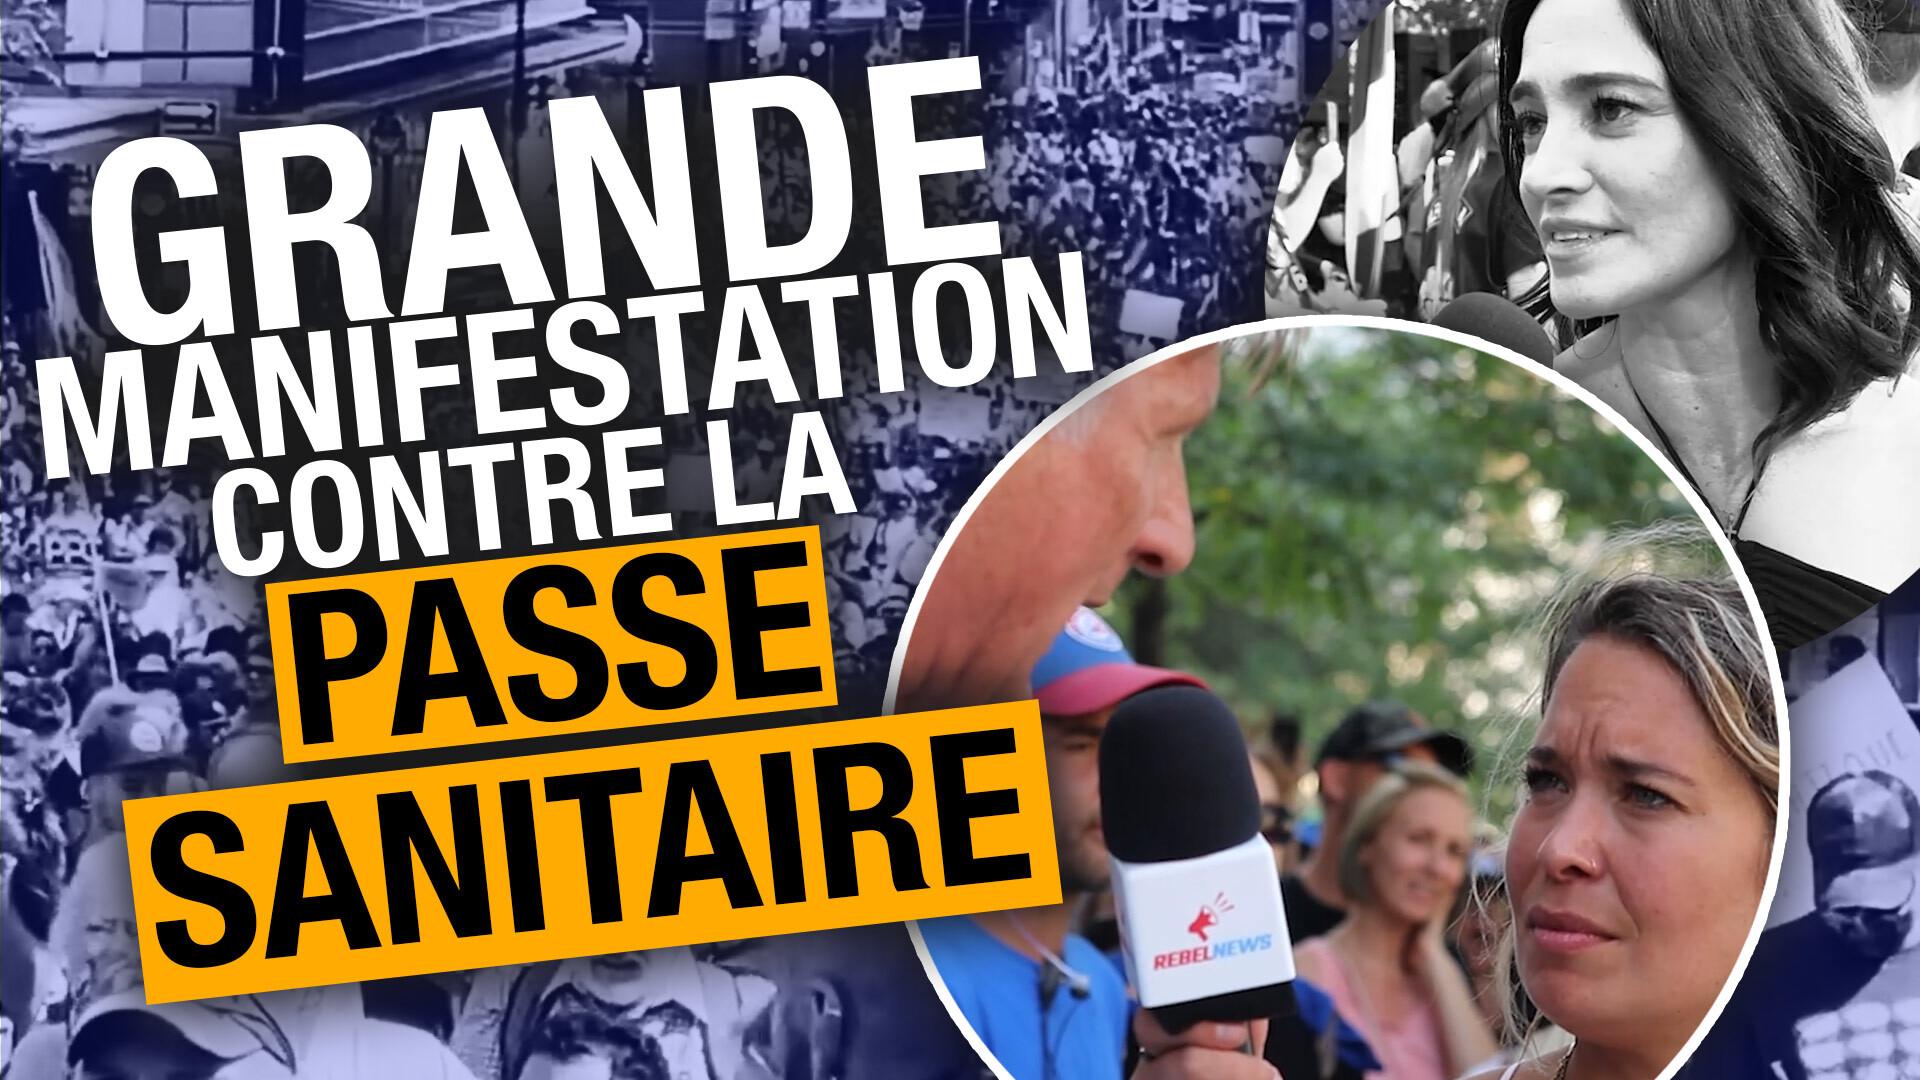 Des dizaines de milliers de personnes manifestent contre les passeports vaccinal à Montréal